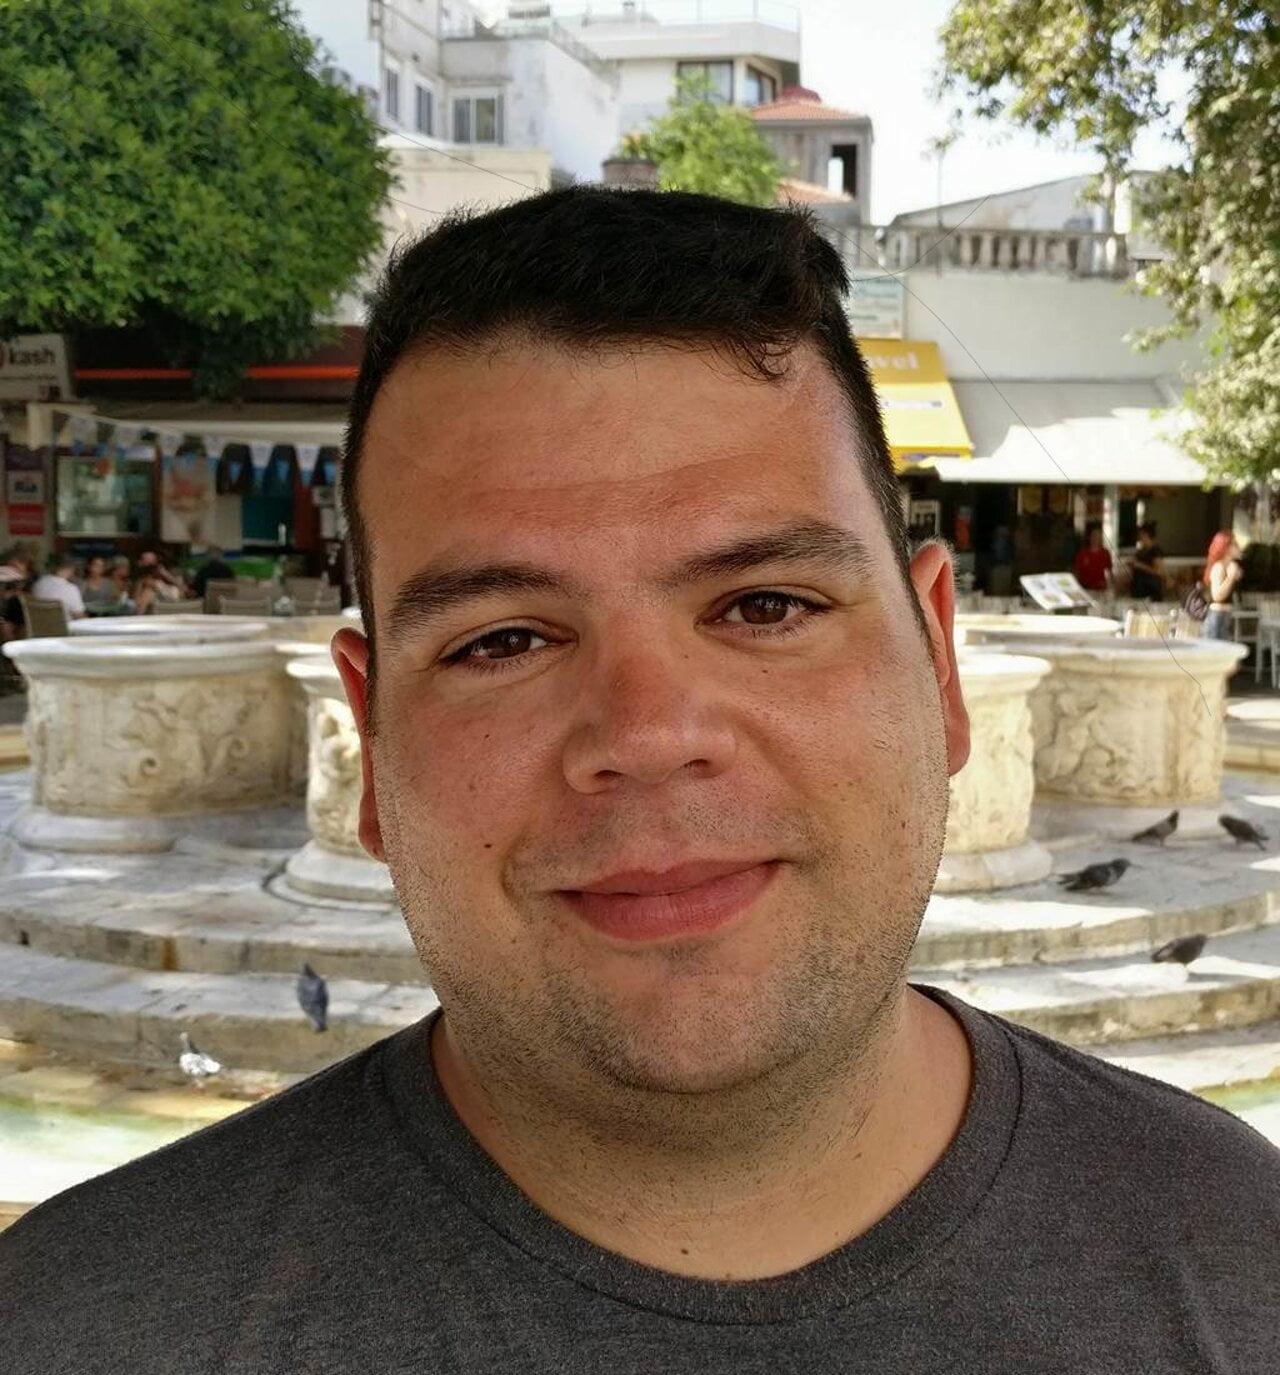 Ιωάννης Λιοδάκης: Ο Ελληνας αστροφυσικός που διακρίθηκε με υποτροφία Gruber.